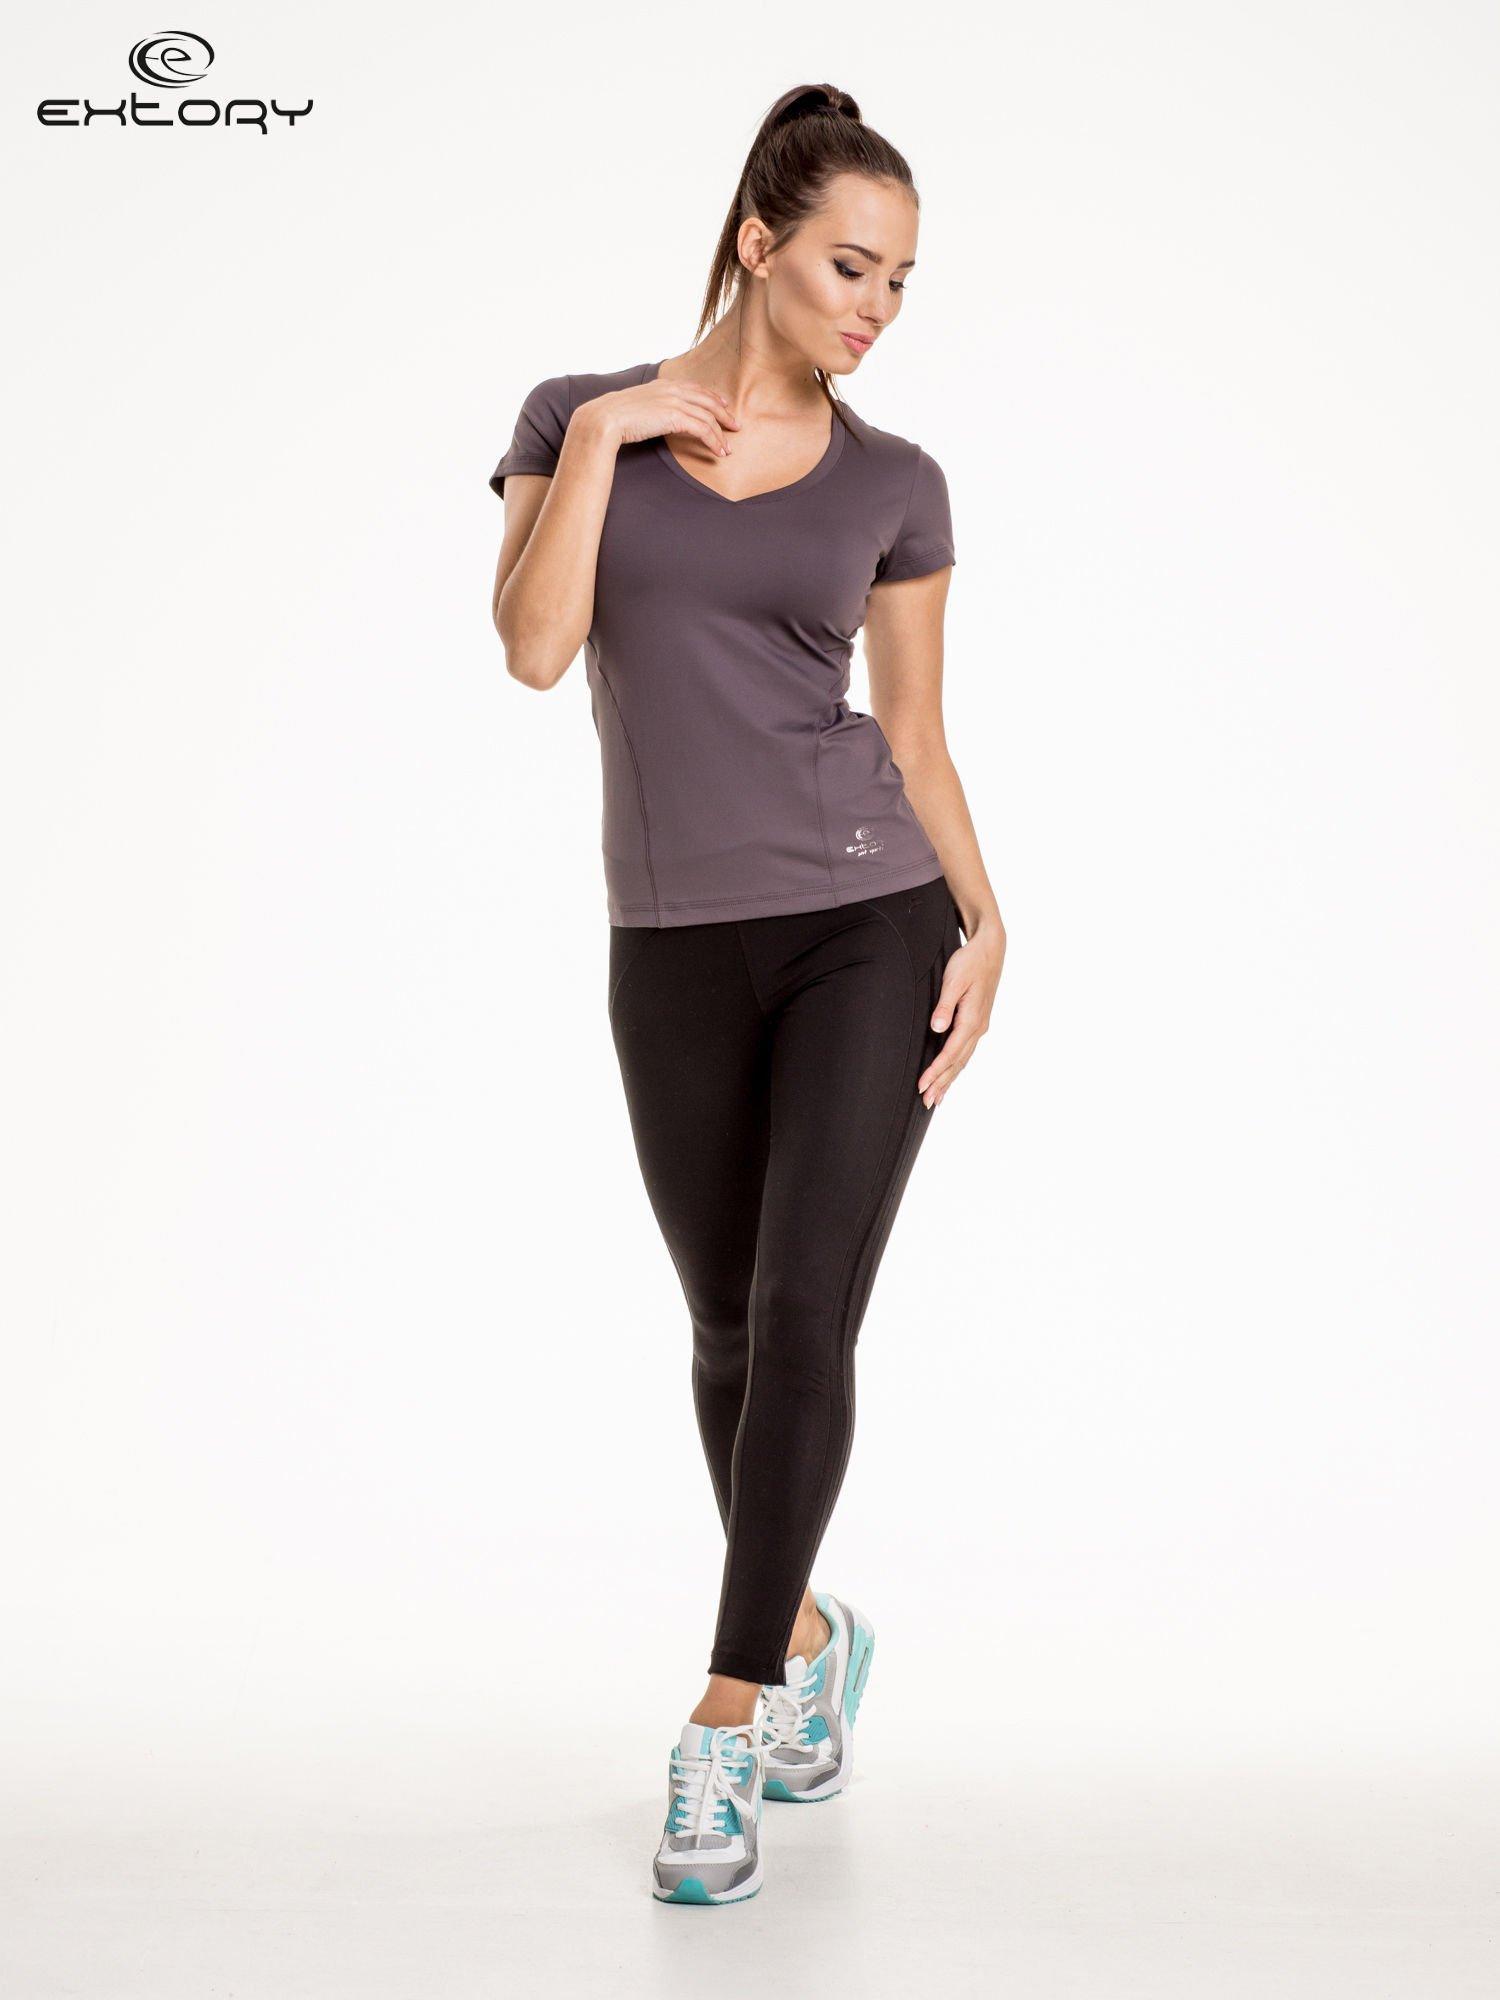 Szary modelujący damski t-shirt sportowy                                   zdj.                                  2